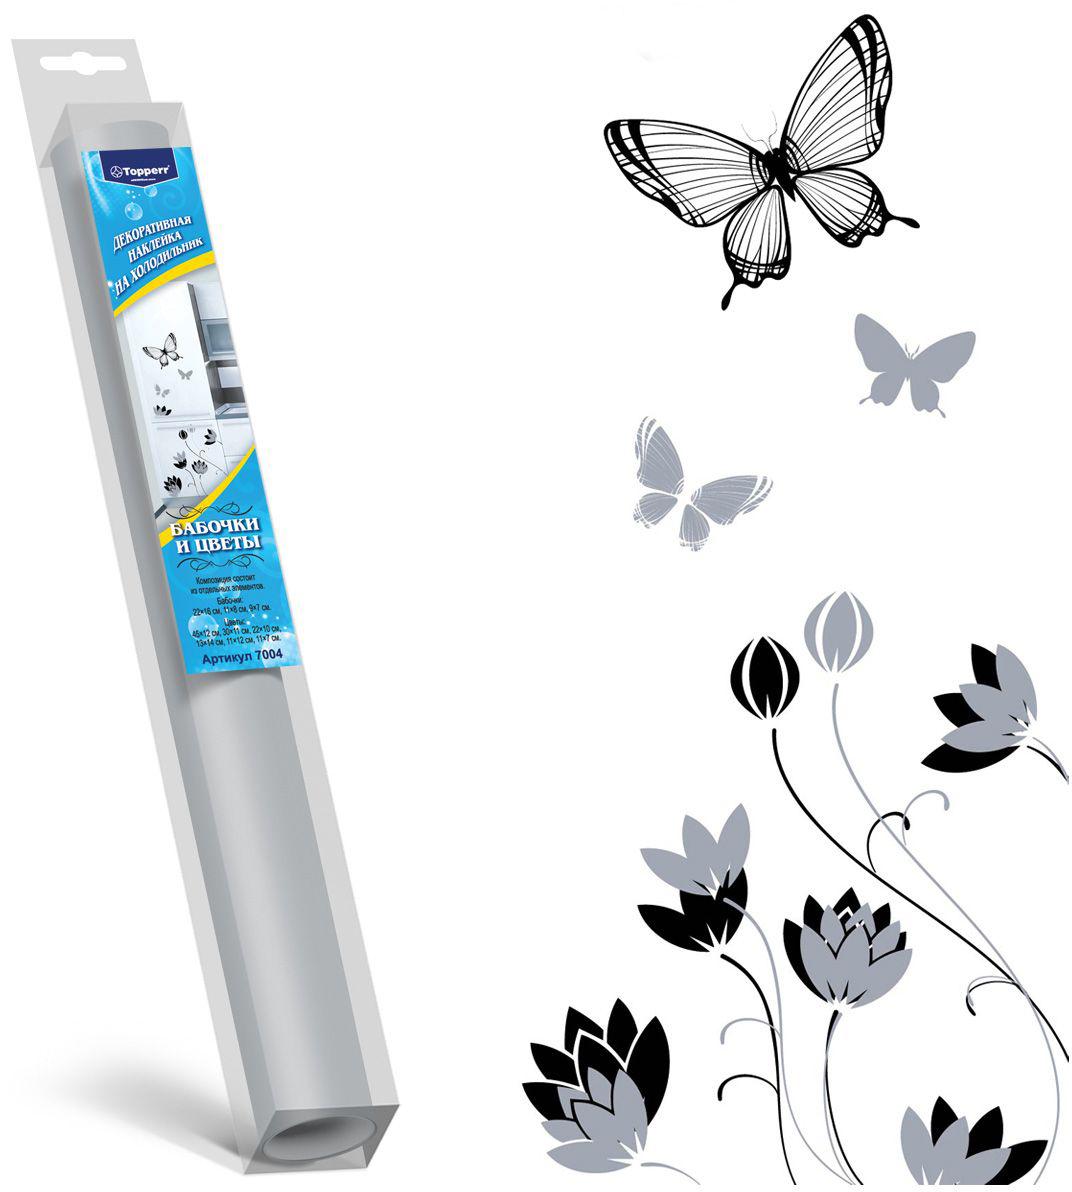 Наклейка для интерьера Topperr Бабочки и цветы300164_красный, синийНаклейка для стен и предметов интерьера Topperr Бабочки и цветы, изготовленная из экологически безопасной самоклеящейся виниловой пленки - это удивительно простой и быстрый способ оживить интерьер помещения. Композиция состоит из отдельных элементов.Интерьерные наклейки дадут вам вдохновение, которое изменит вашу жизнь и поможет погрузиться в мир ярких красок, фантазий и творчества. Для вас открываются безграничные возможности придумать оригинальный дизайн и придать новый вид стенам и мебели. Наклейки абсолютно безопасны для здоровья. Они быстро и легко наклеиваются на любые ровные поверхности: стены, окна, двери, кафельную плитку, виниловые и флизелиновые обои, стекла, мебель. При необходимости удобно снимаются, не оставляют следов и не повреждают поверхность (кроме бумажных обоев). Наклейка Topperr Бабочки и цветы поможет вам изменить интерьер вокруг себя: в детской комнате и гостиной, на кухне и в прихожей, витрину кафе и магазина, детский садик и офис.Размеры элементов:- бабочки: 22 х 16 см, 11 х 8 см, 9 х 7 см,- цветы: 45 х 12 см, 30 х 11 см, 22 х 10 см, 13 х 14 см, 11 х 12 см, 11 х 7 см.